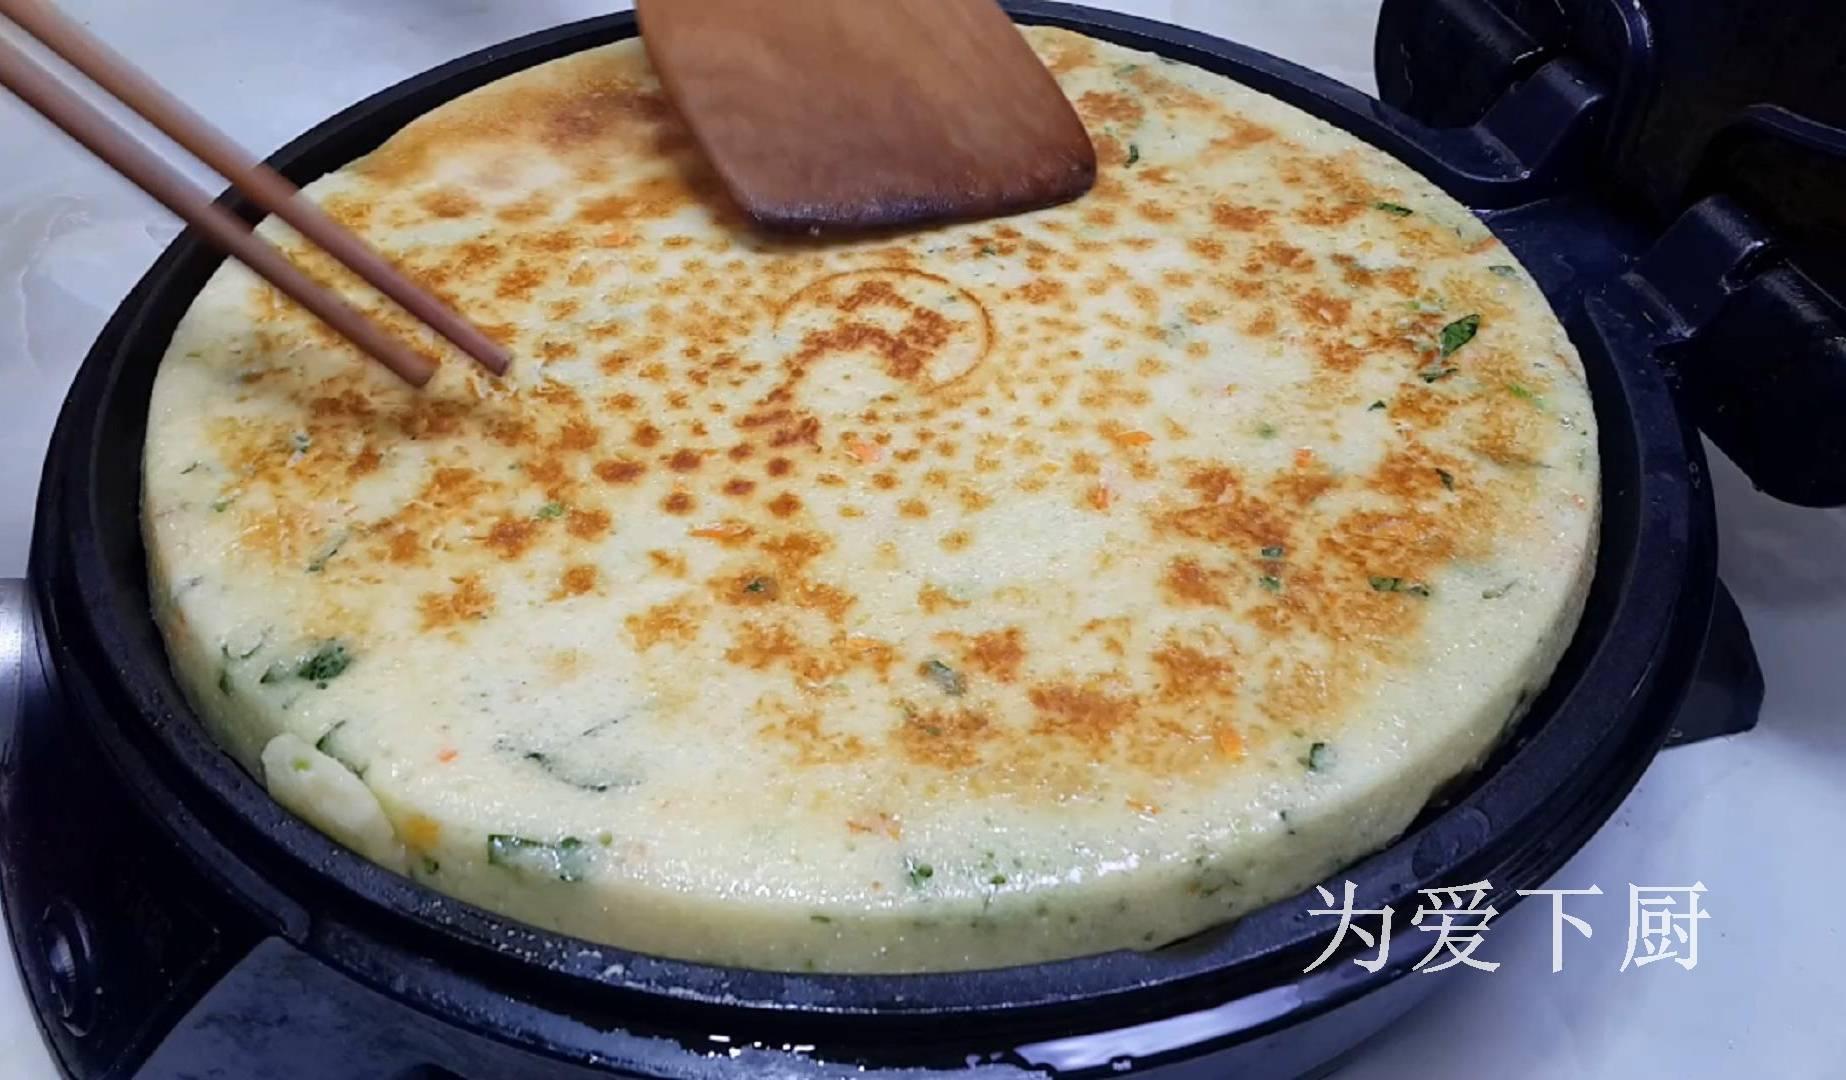 以后大米就这样做,加3个鸡蛋,不用煮不用蒸,比披萨馅饼都好吃